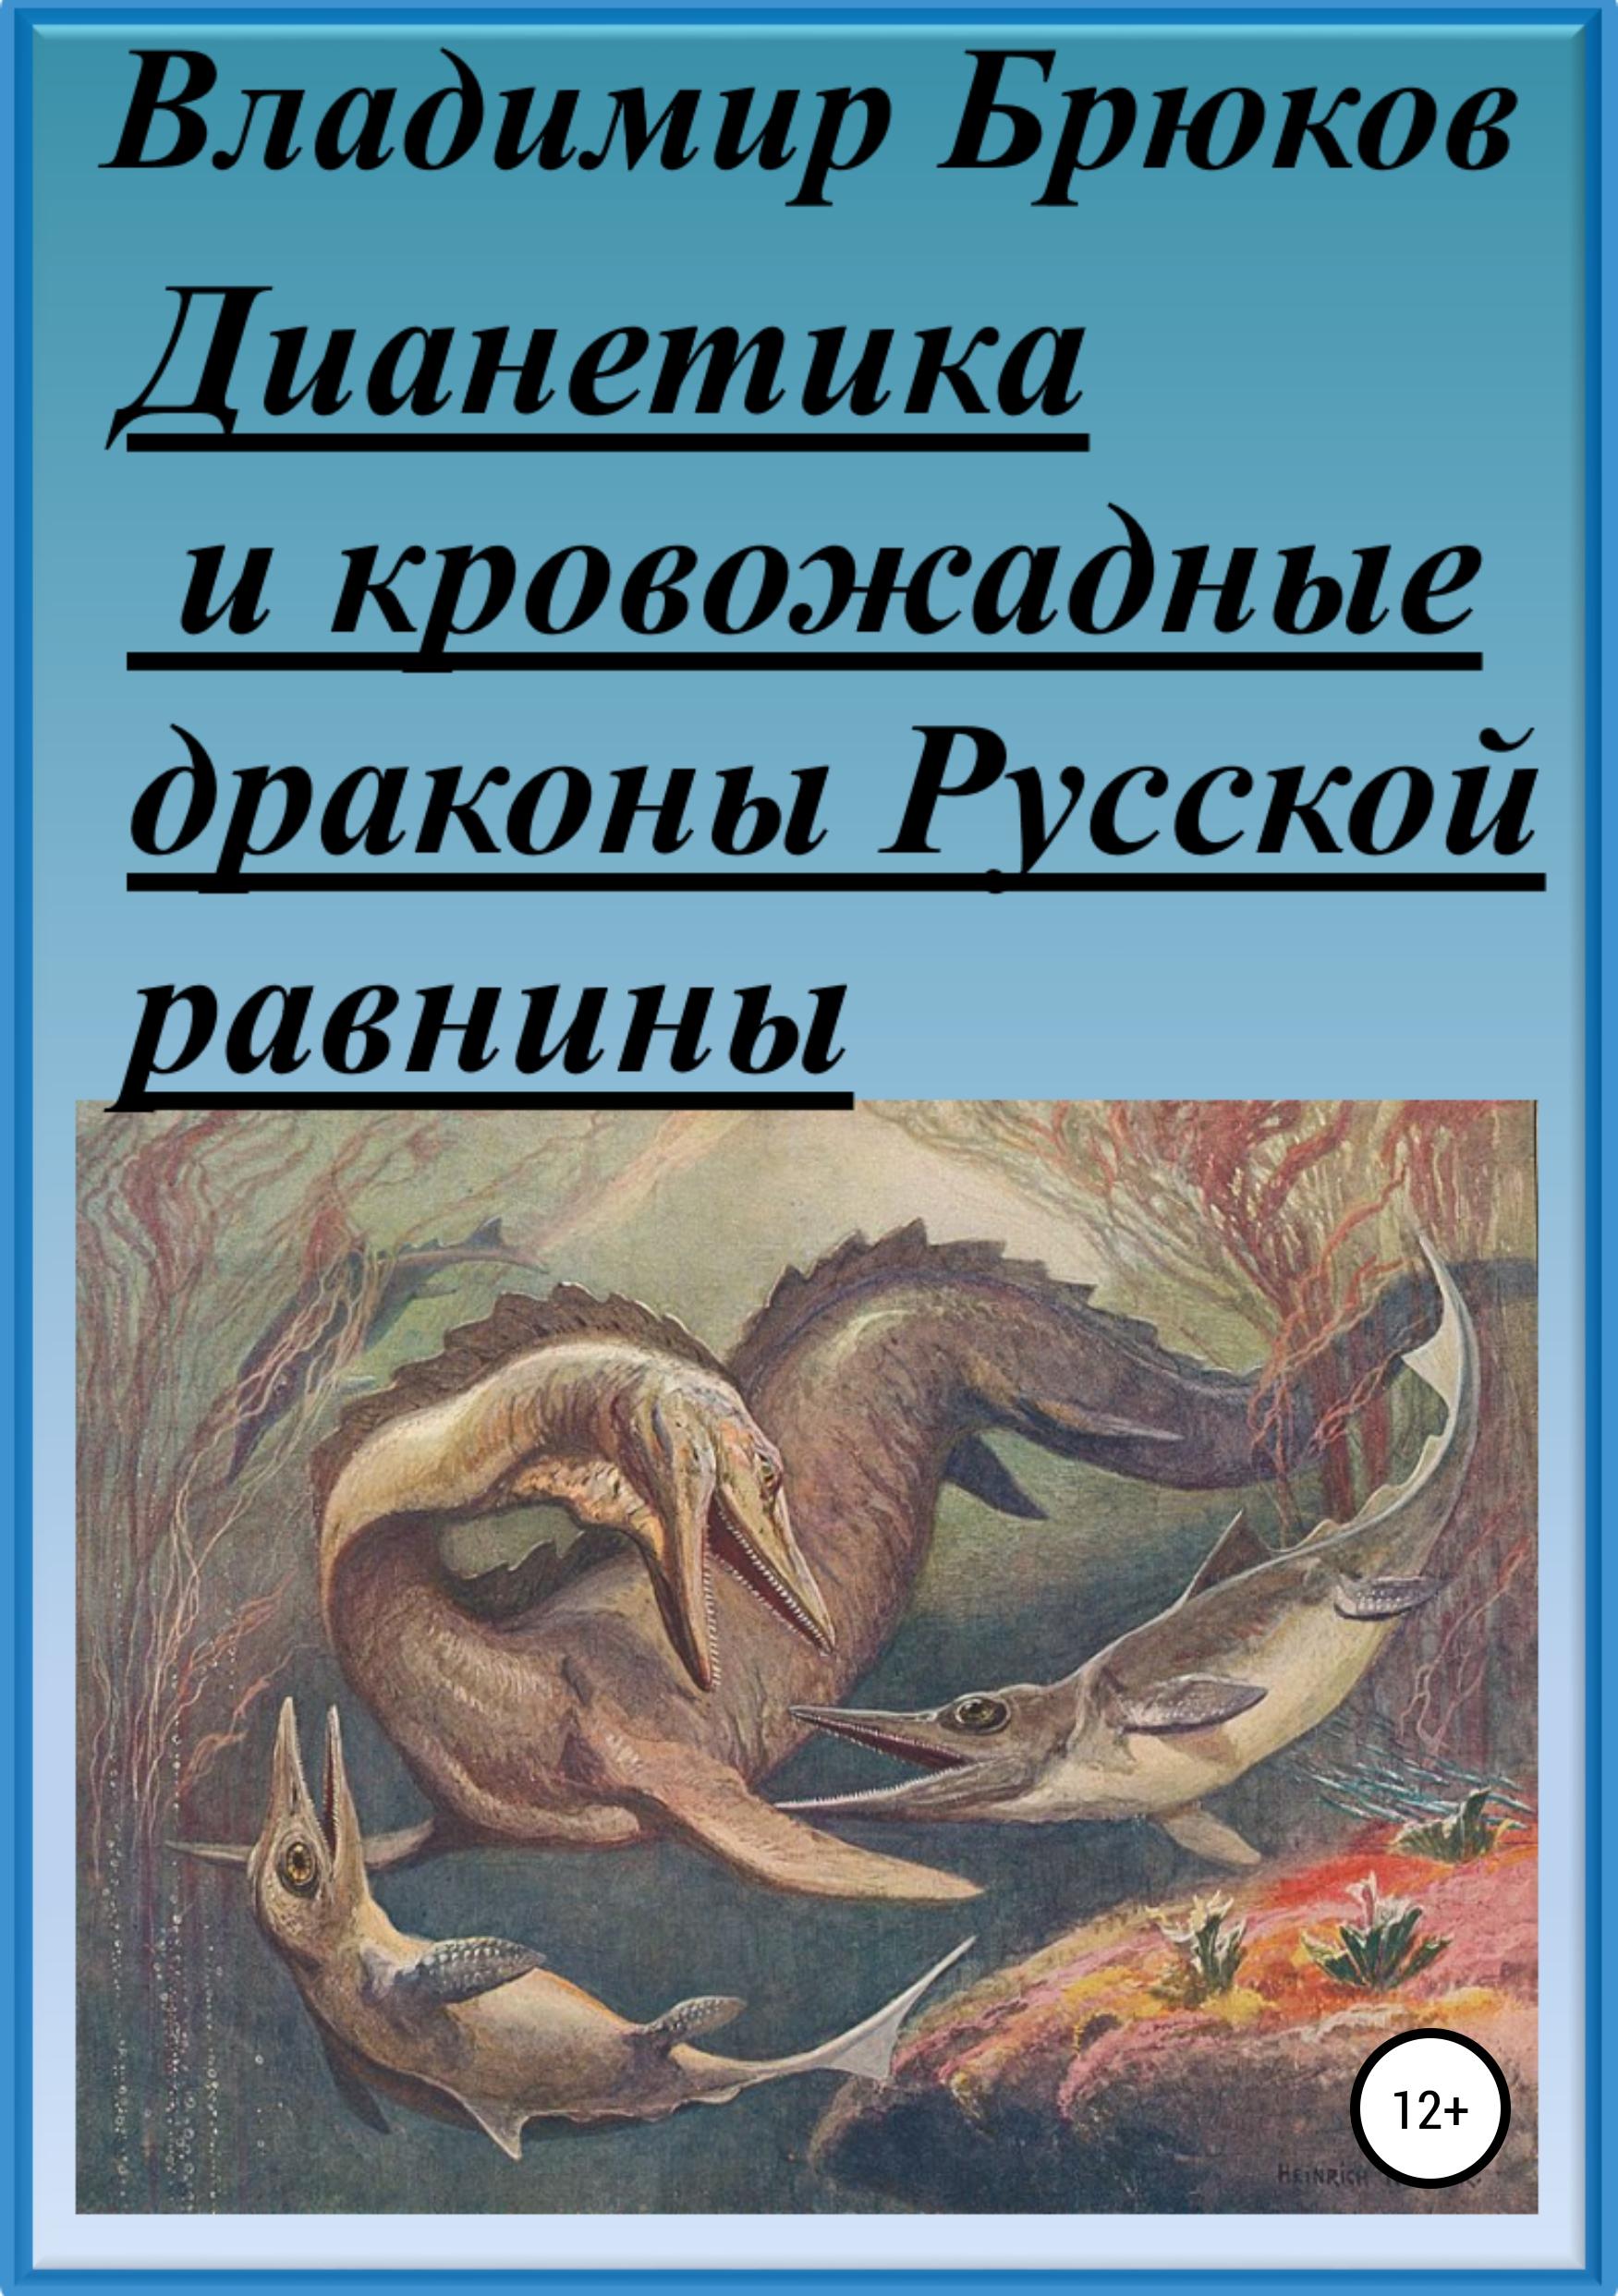 Владимир Георгиевич Брюков Дианетика и кровожадные драконы Русской равнины